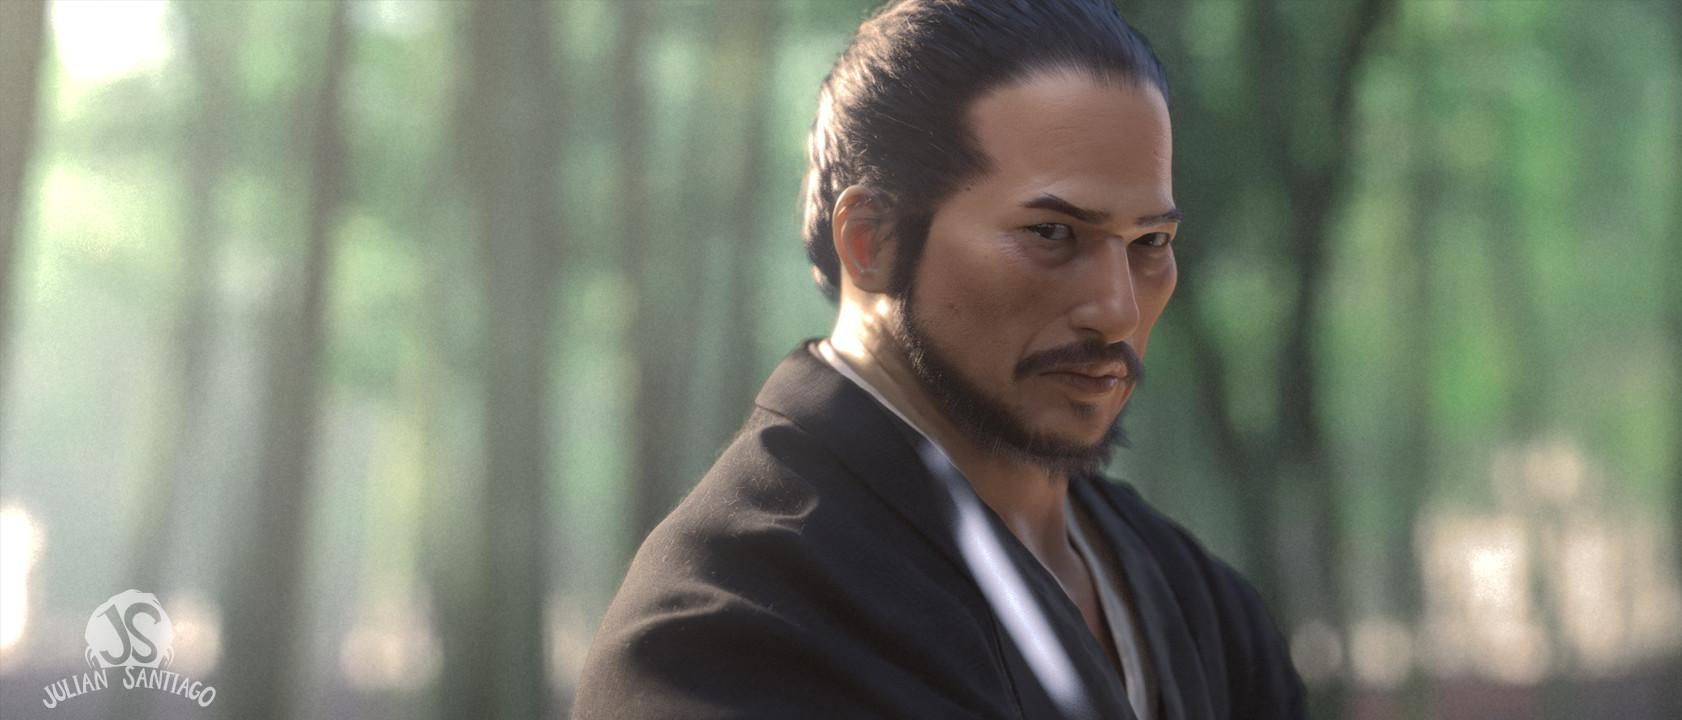 Julian santiago juliansantiago samurai day